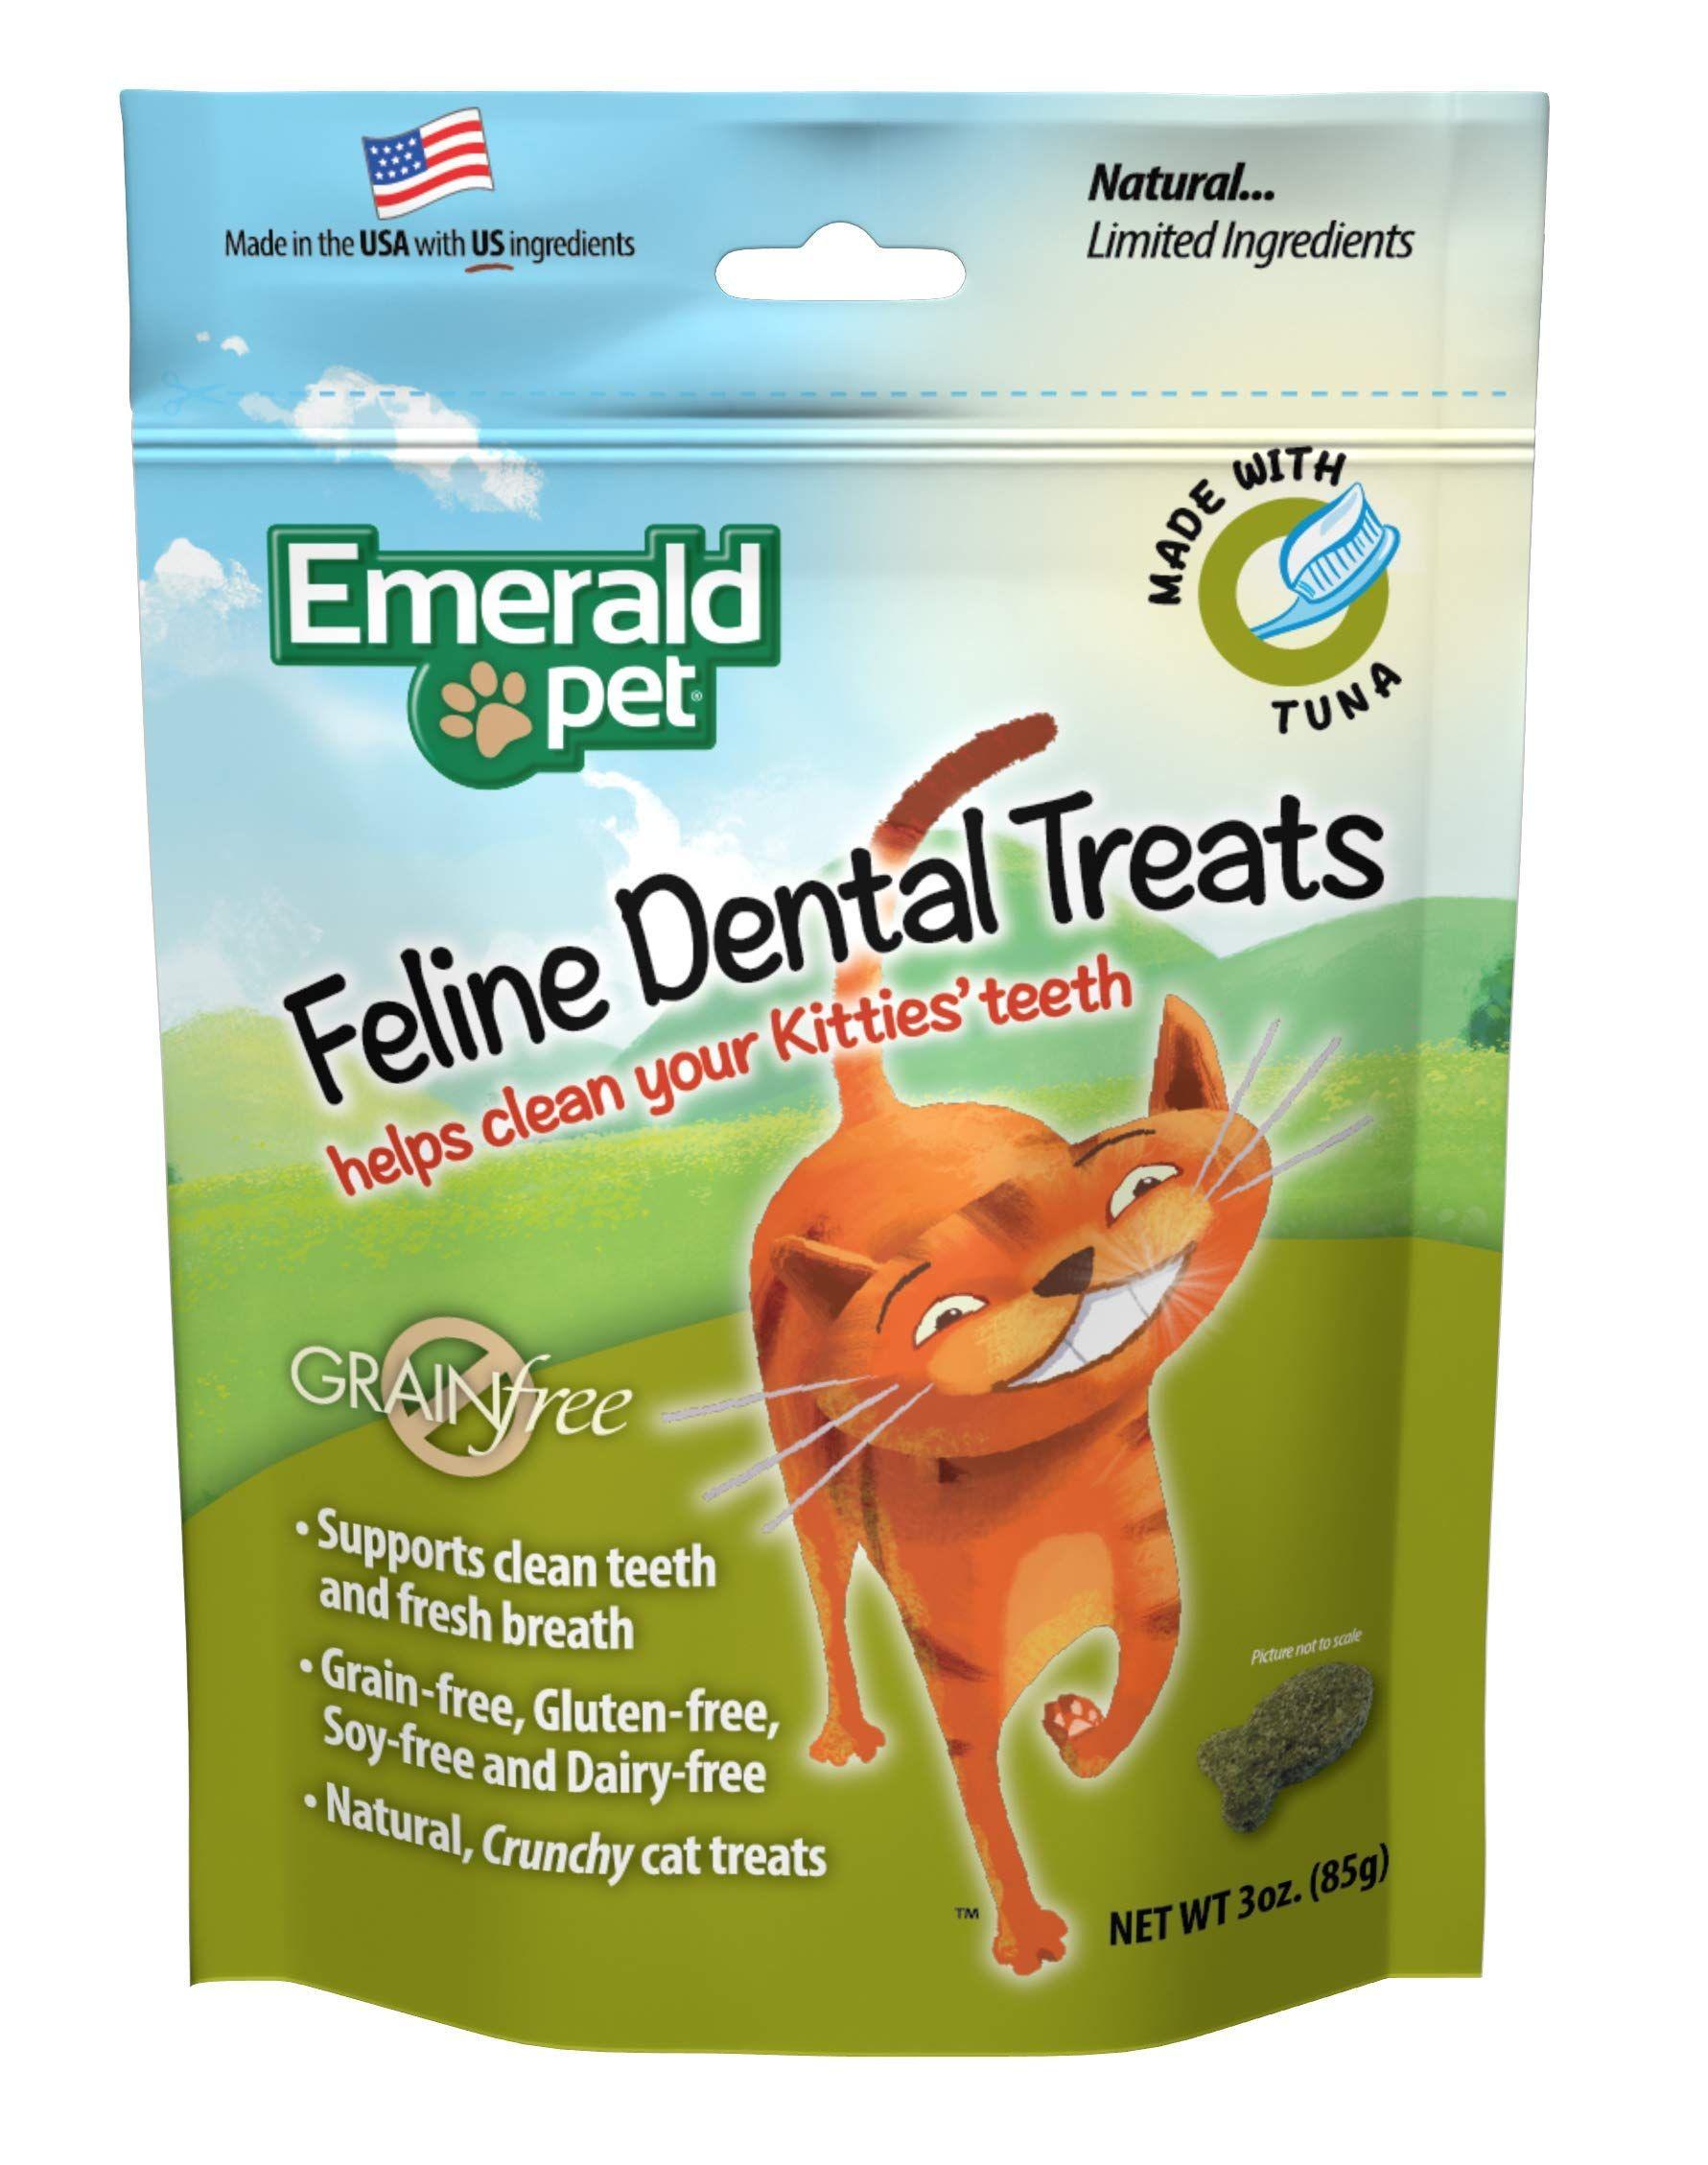 Snuggling Cats In 2020 Dental Treats Dental Cat Pet Supplies